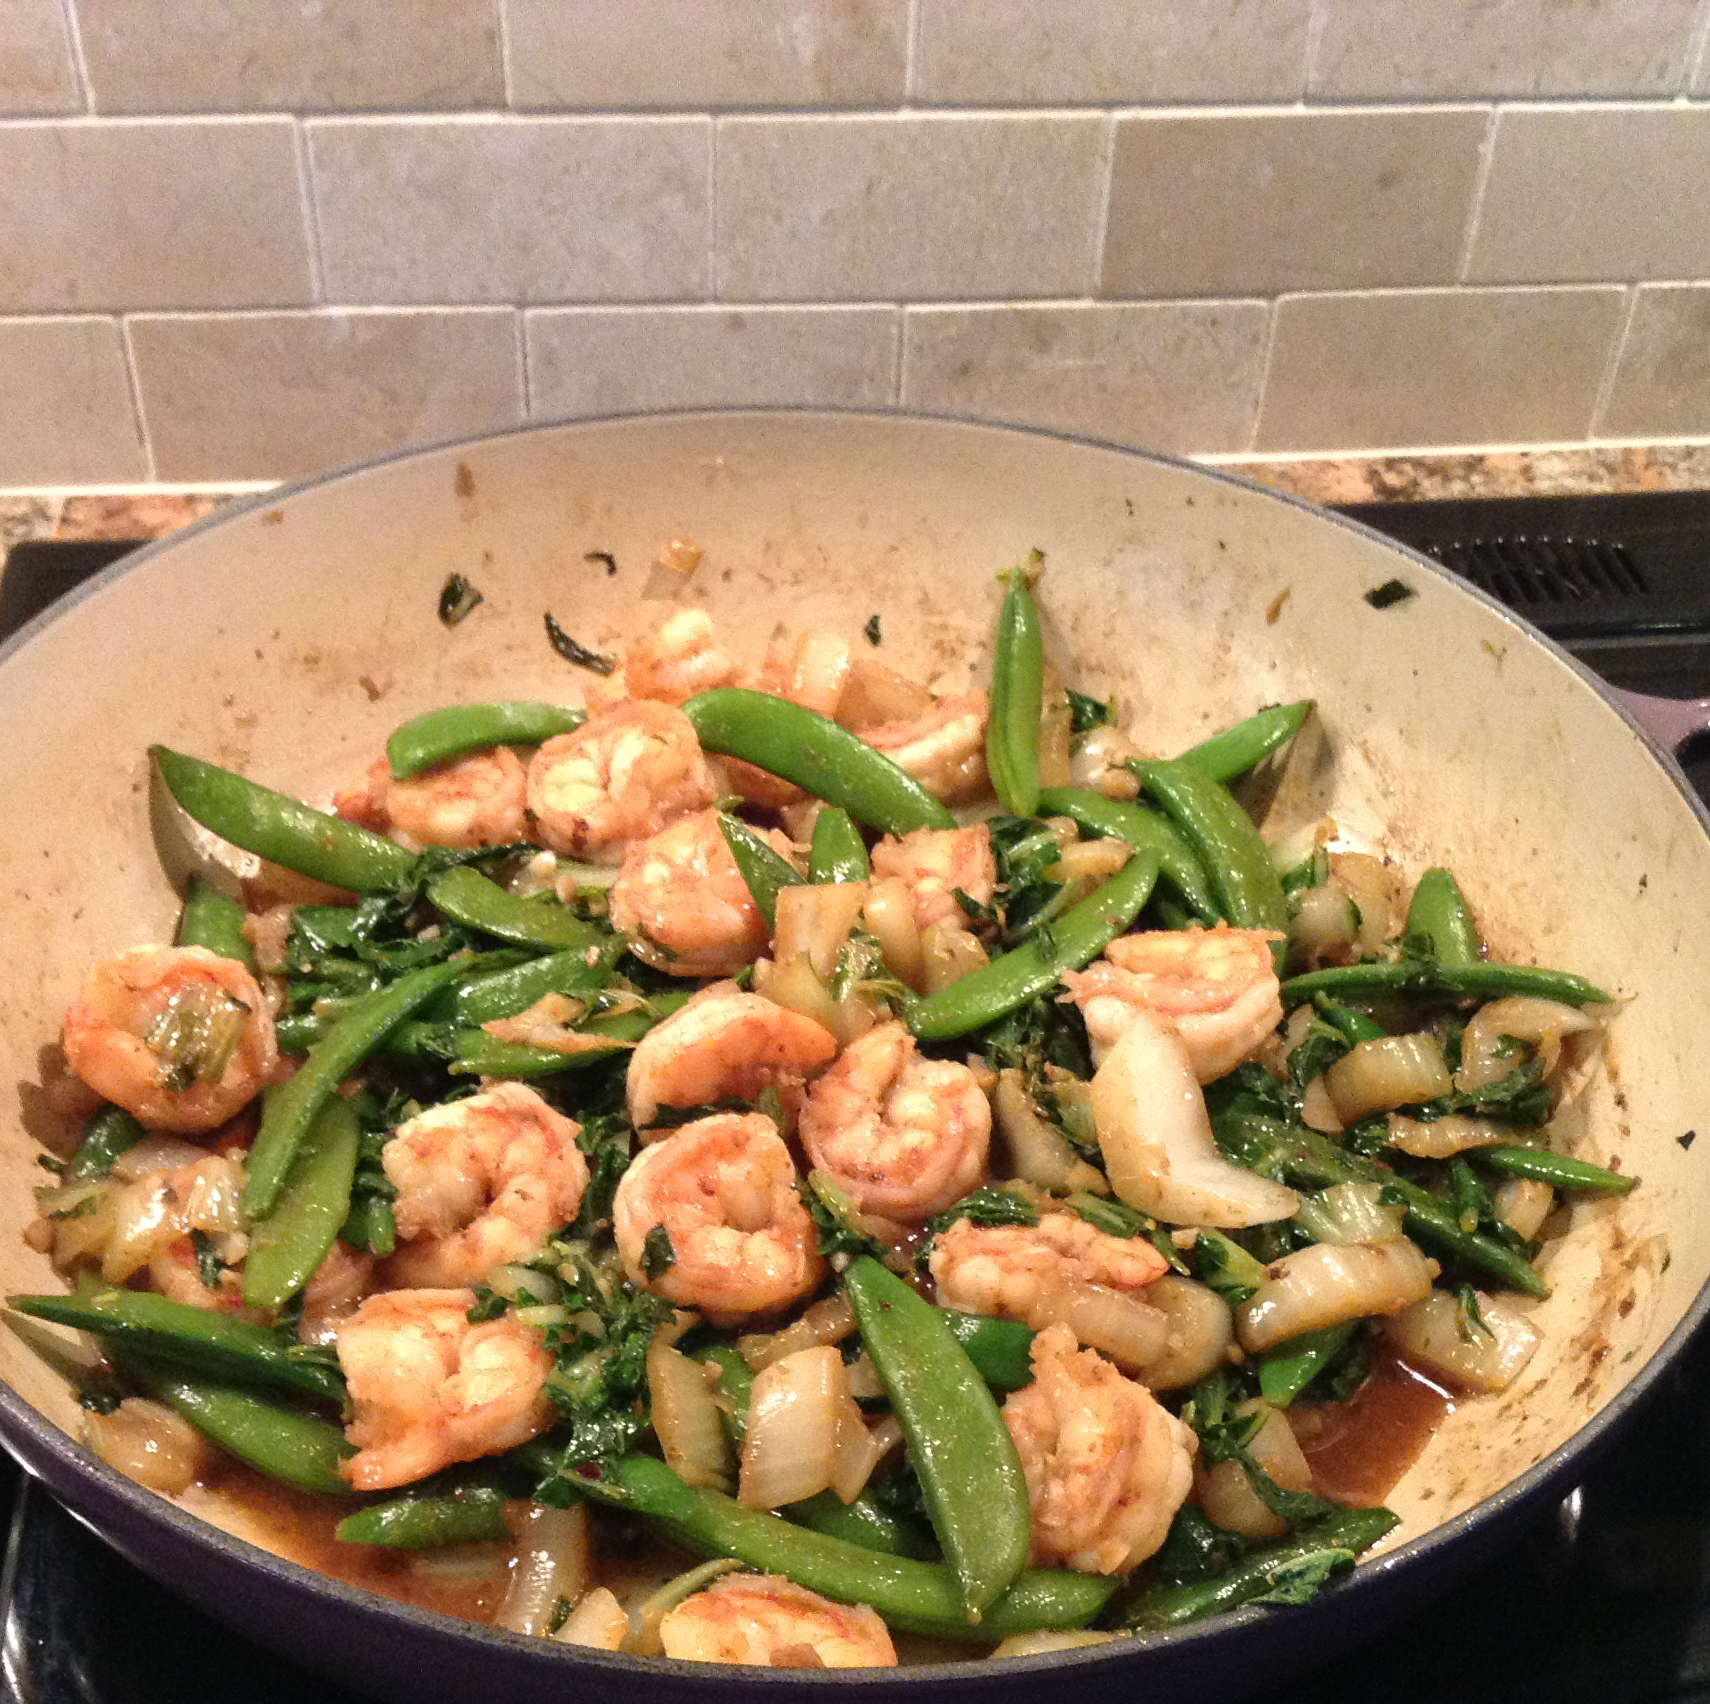 Spicy Bok Choy in Garlic Sauce